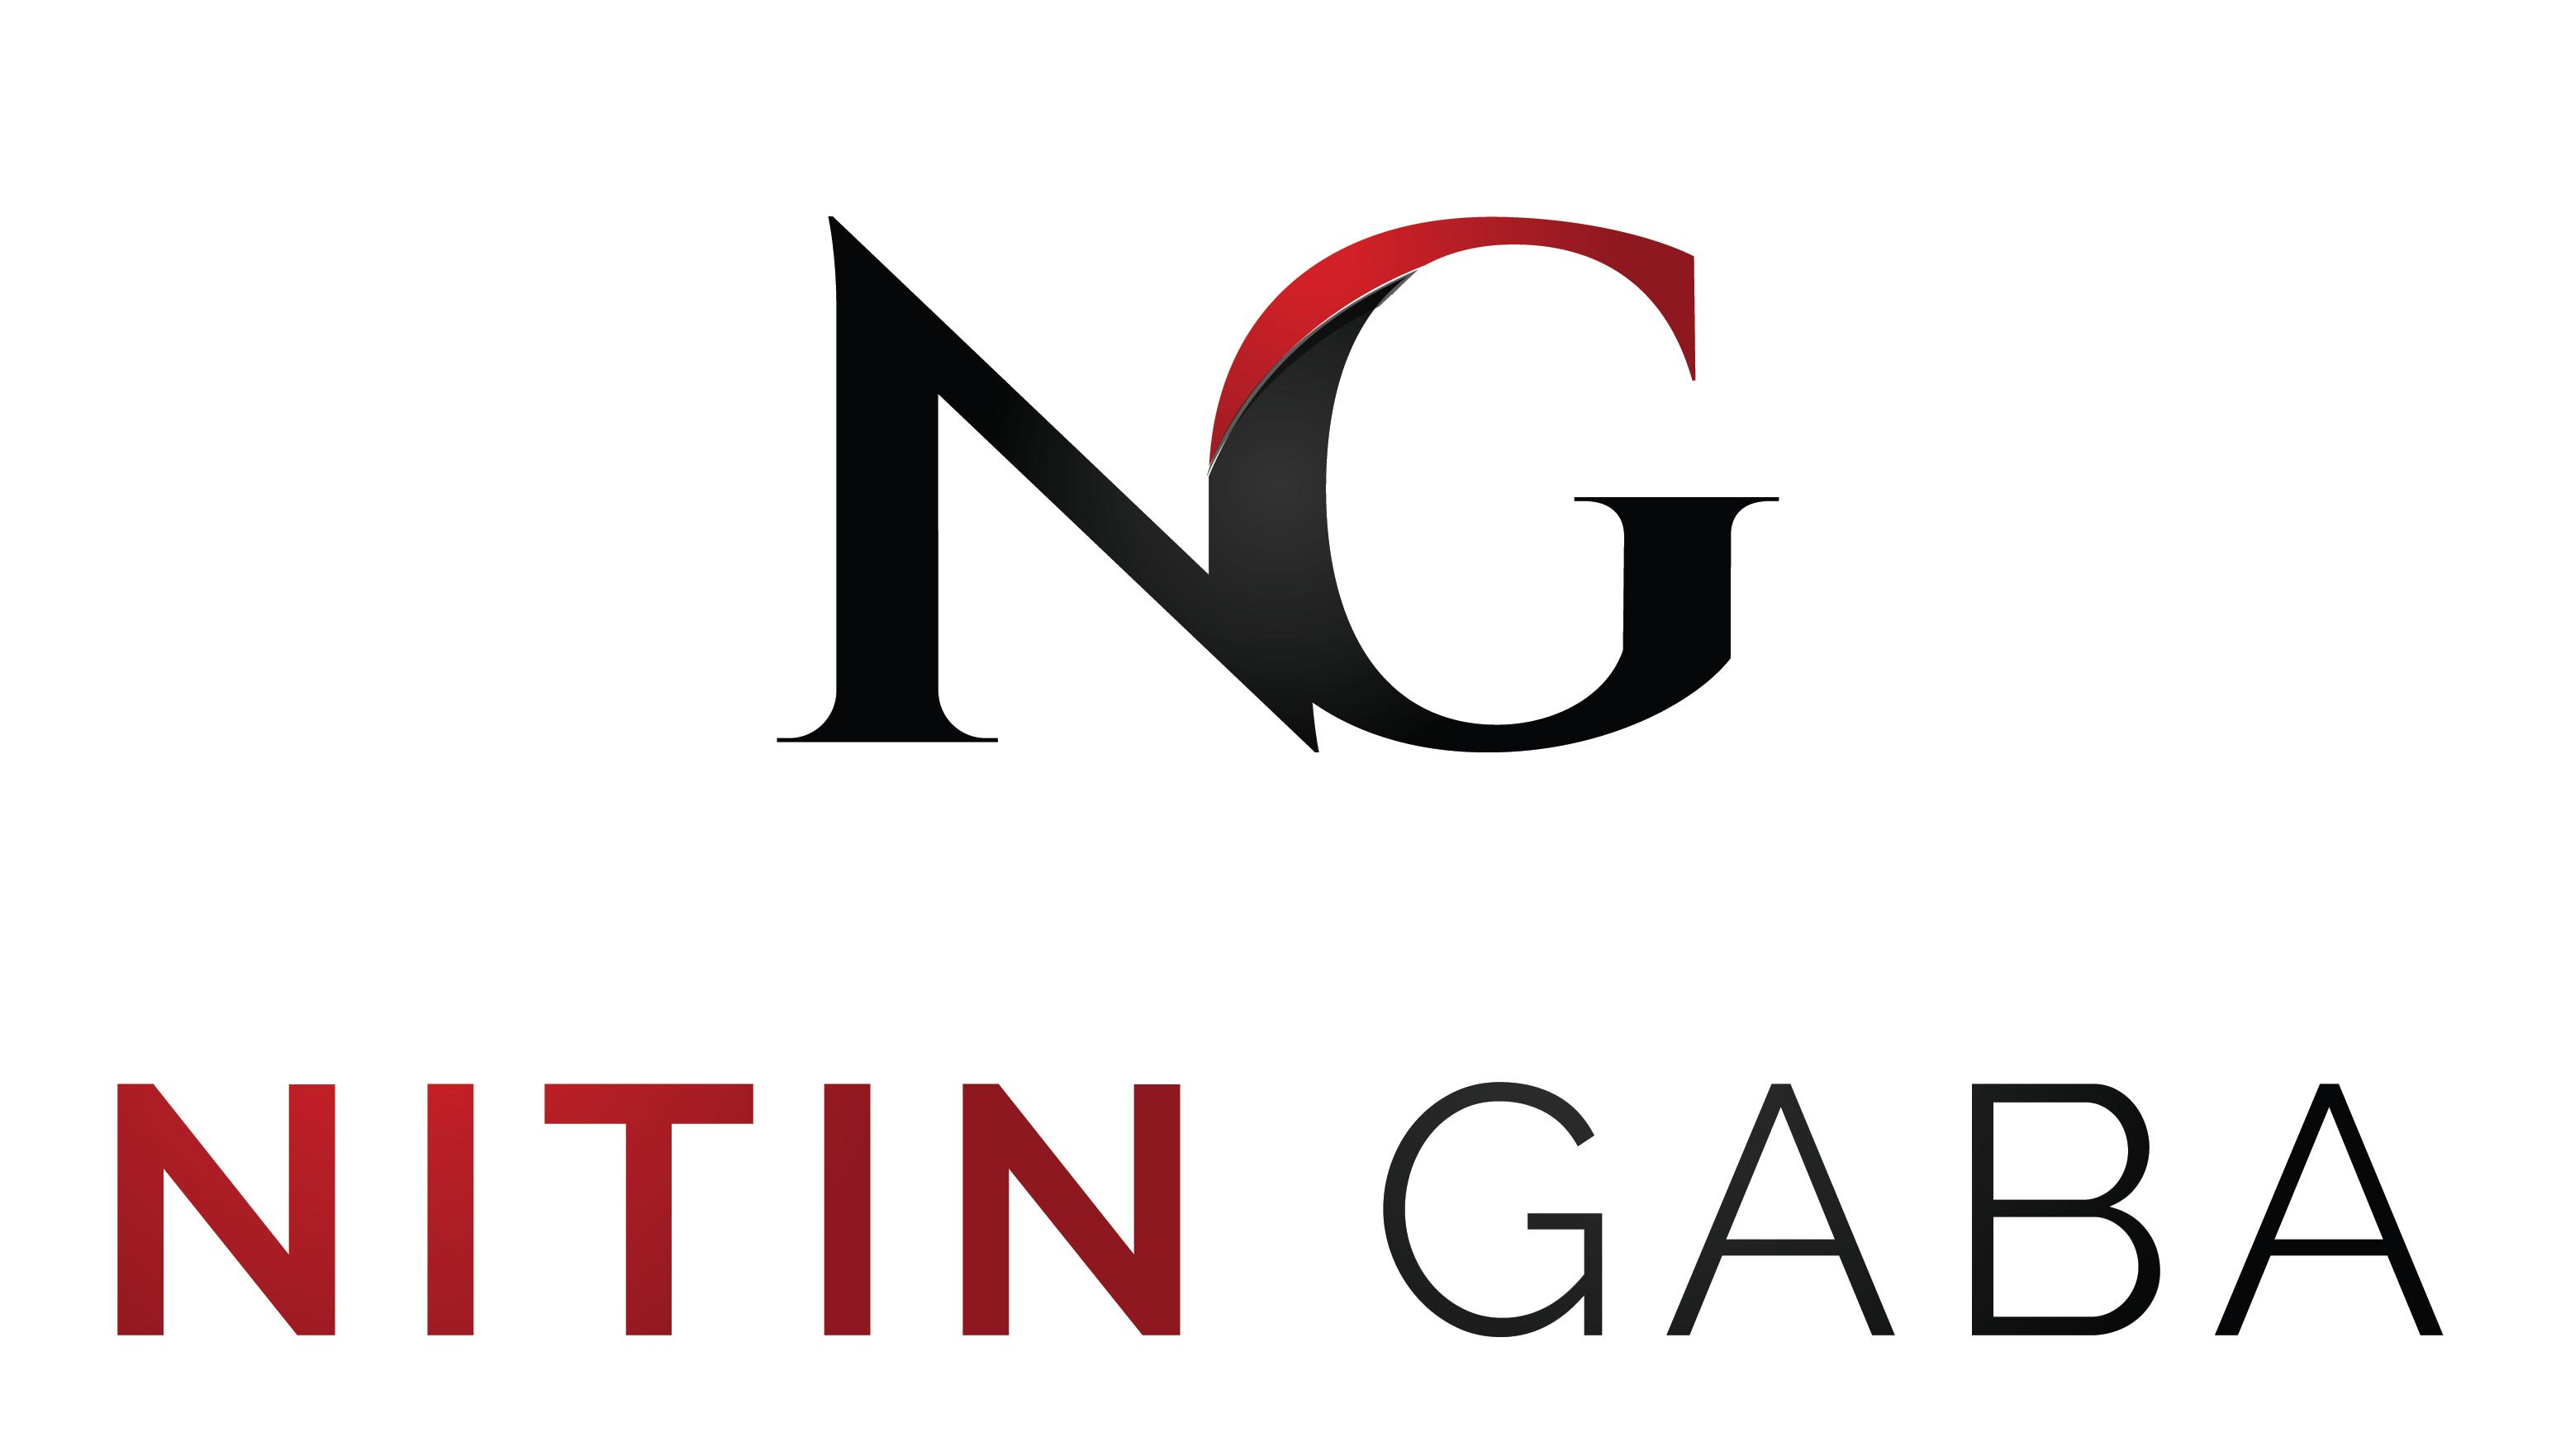 Nitin Gaba logo